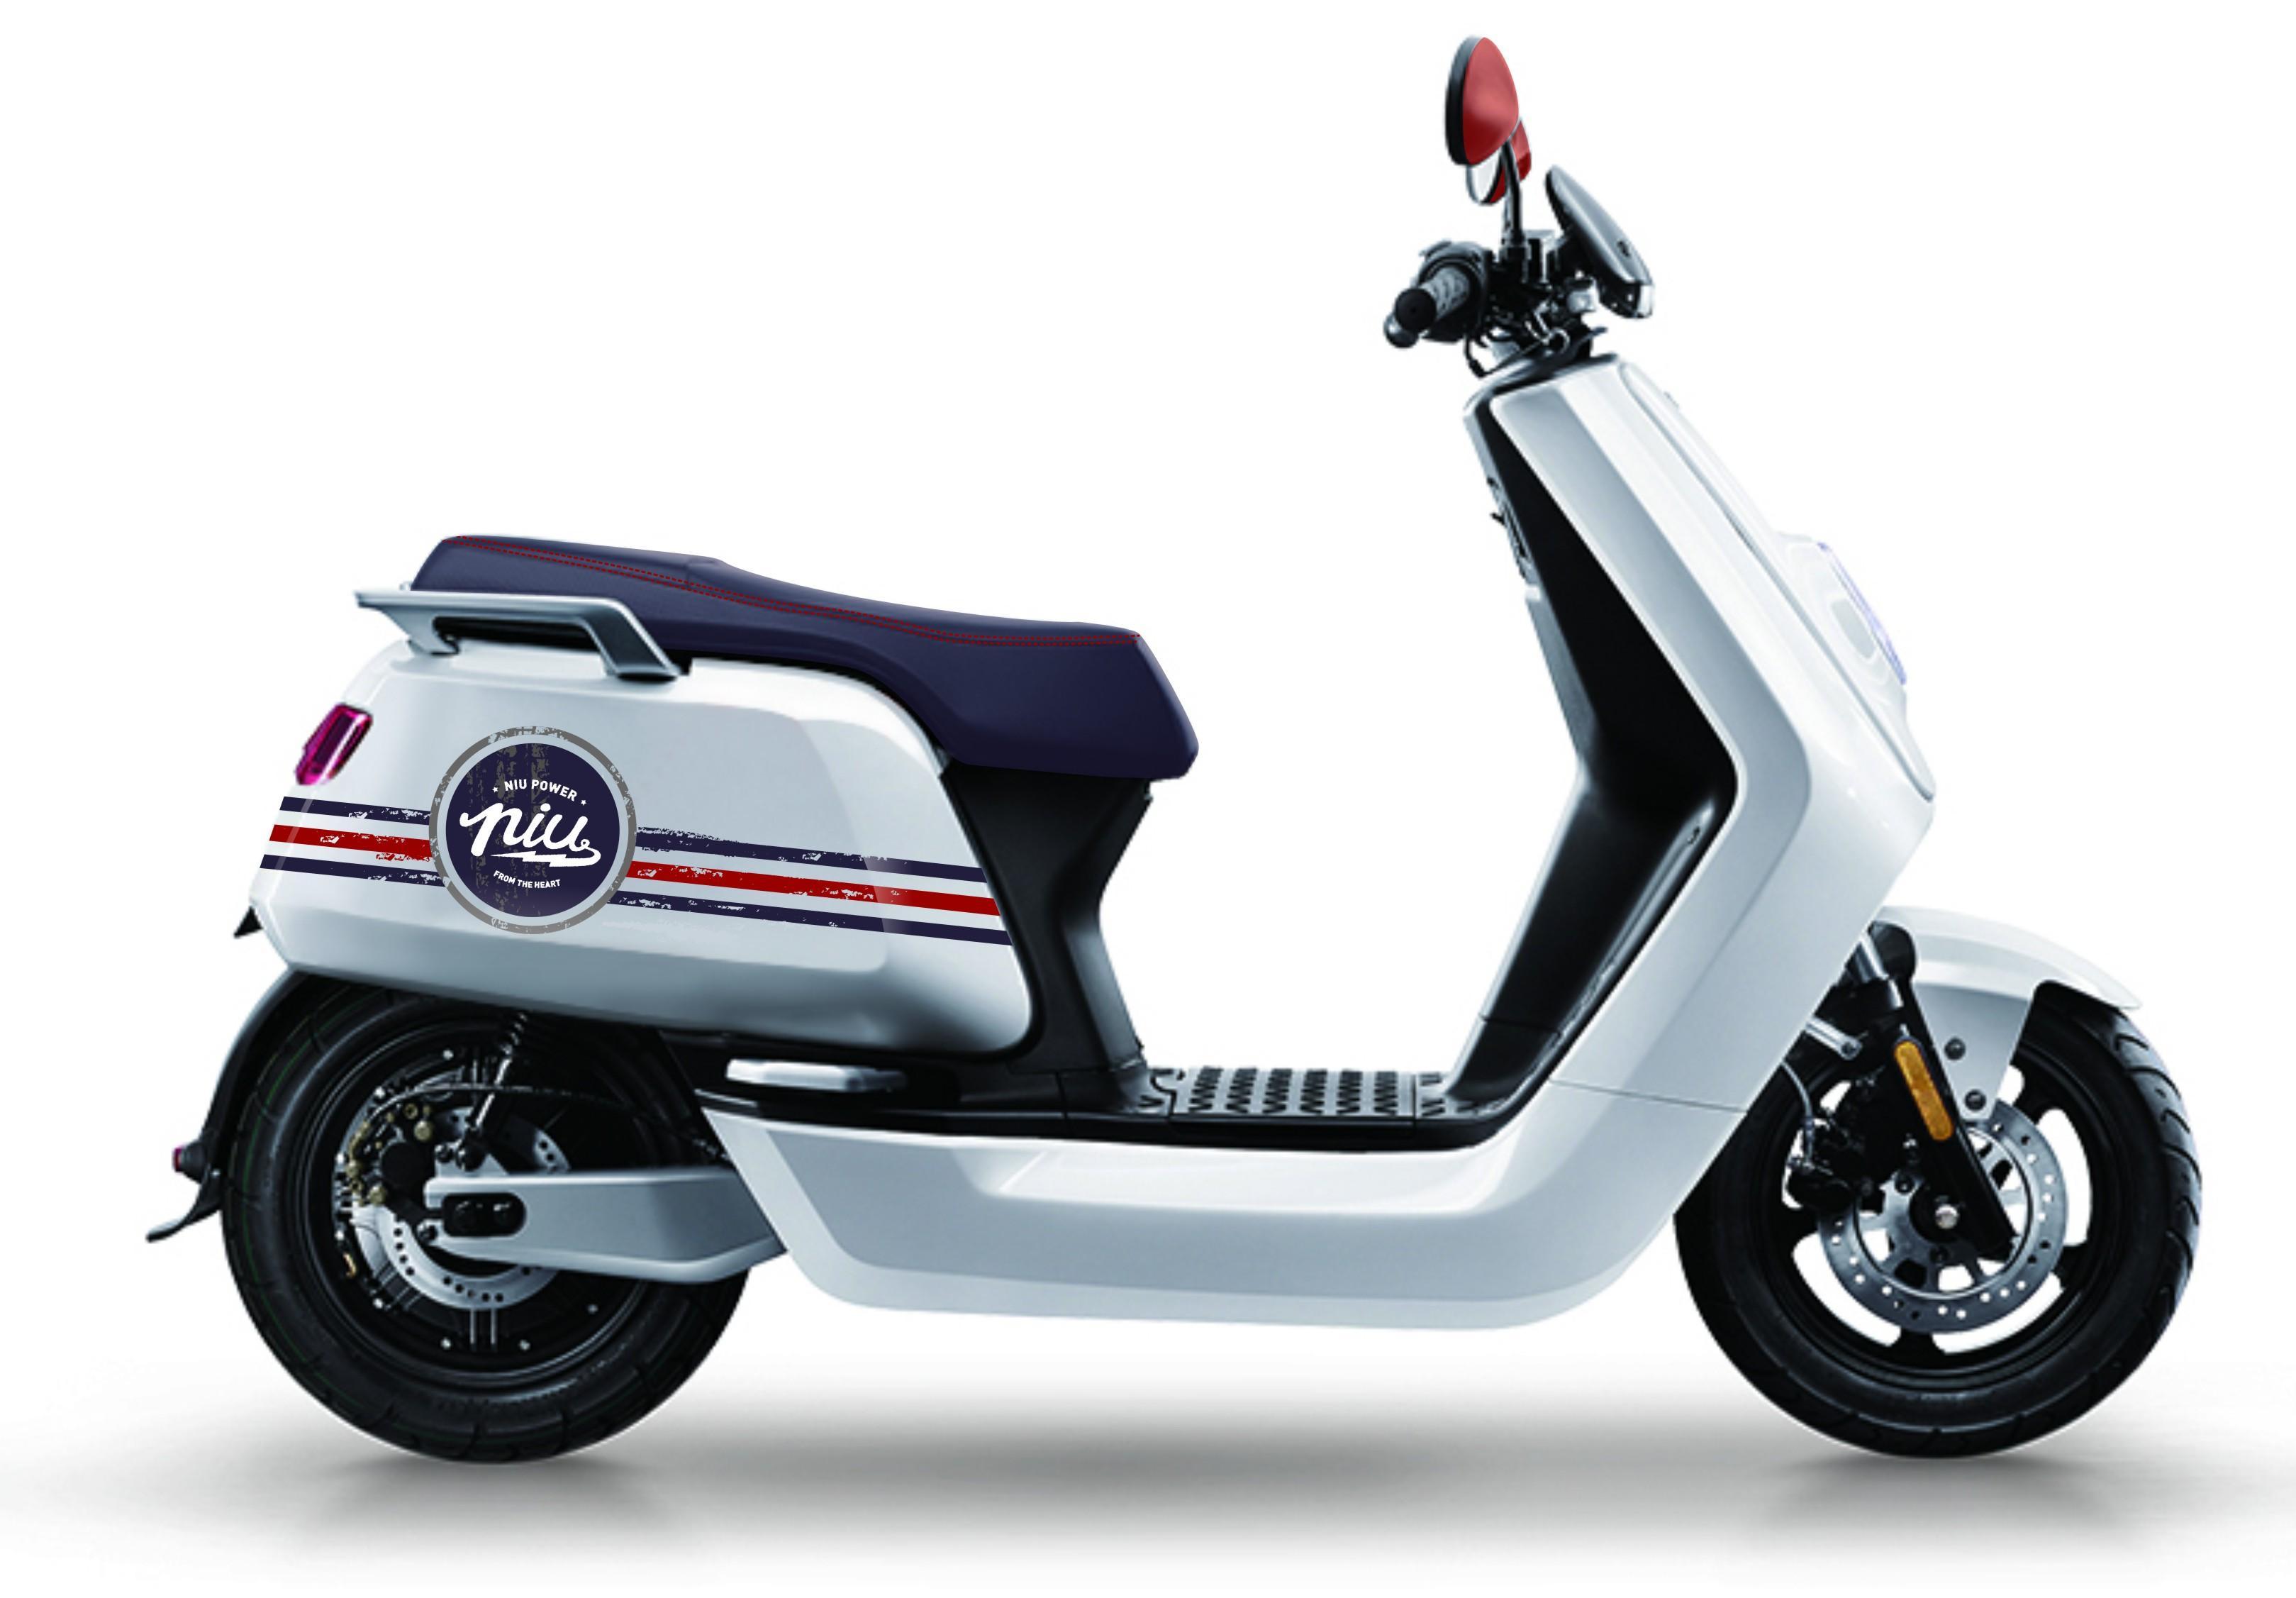 文山哪里可以报名考摩托车驾照?